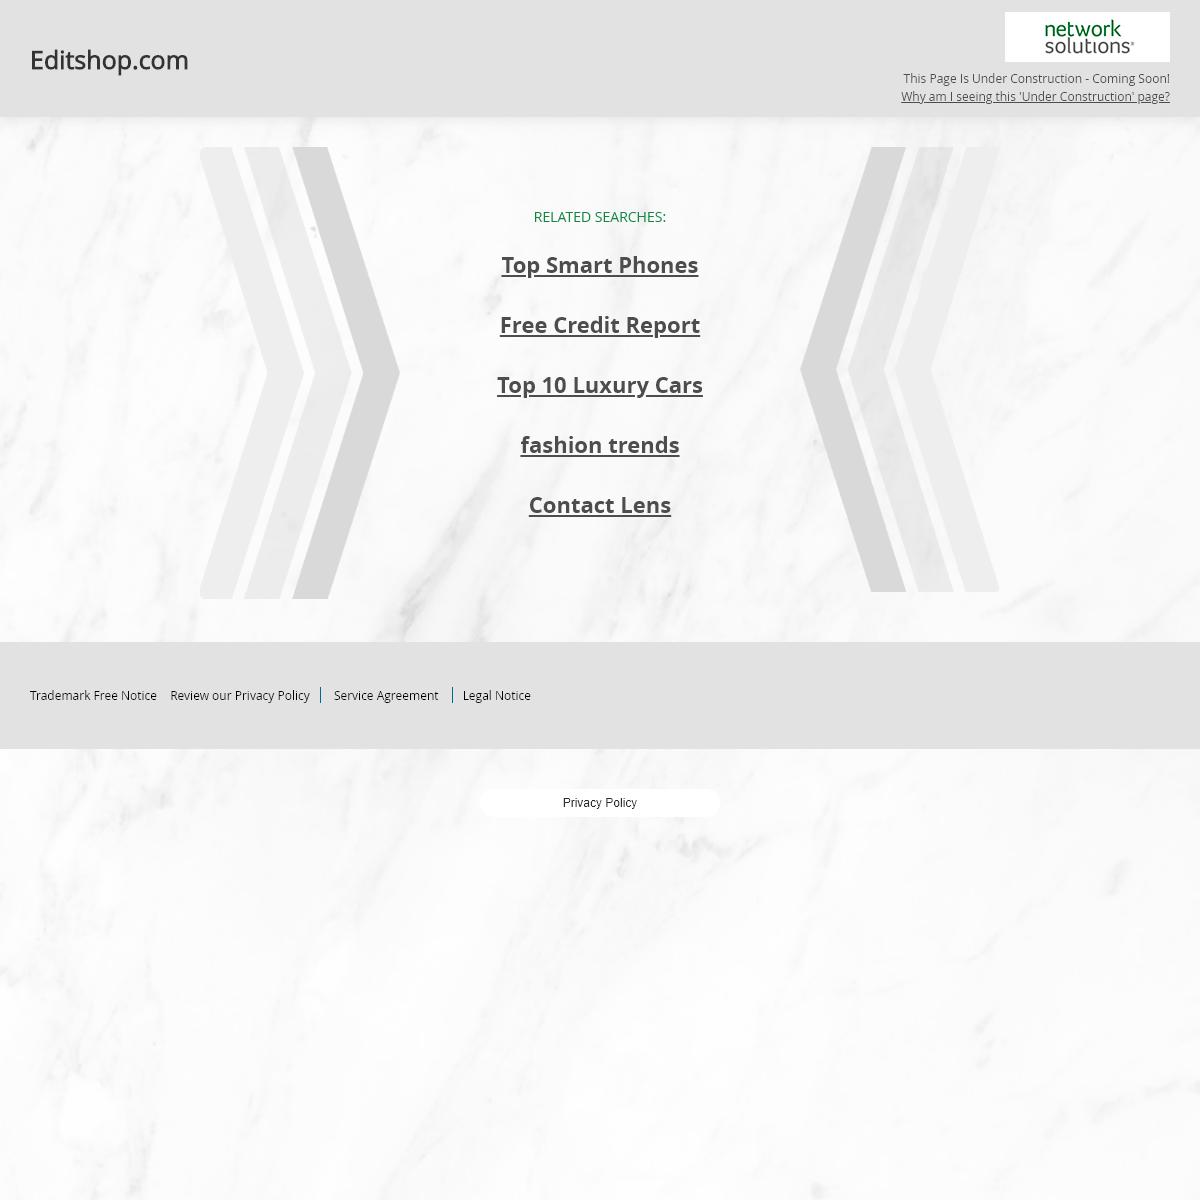 Editshop.com